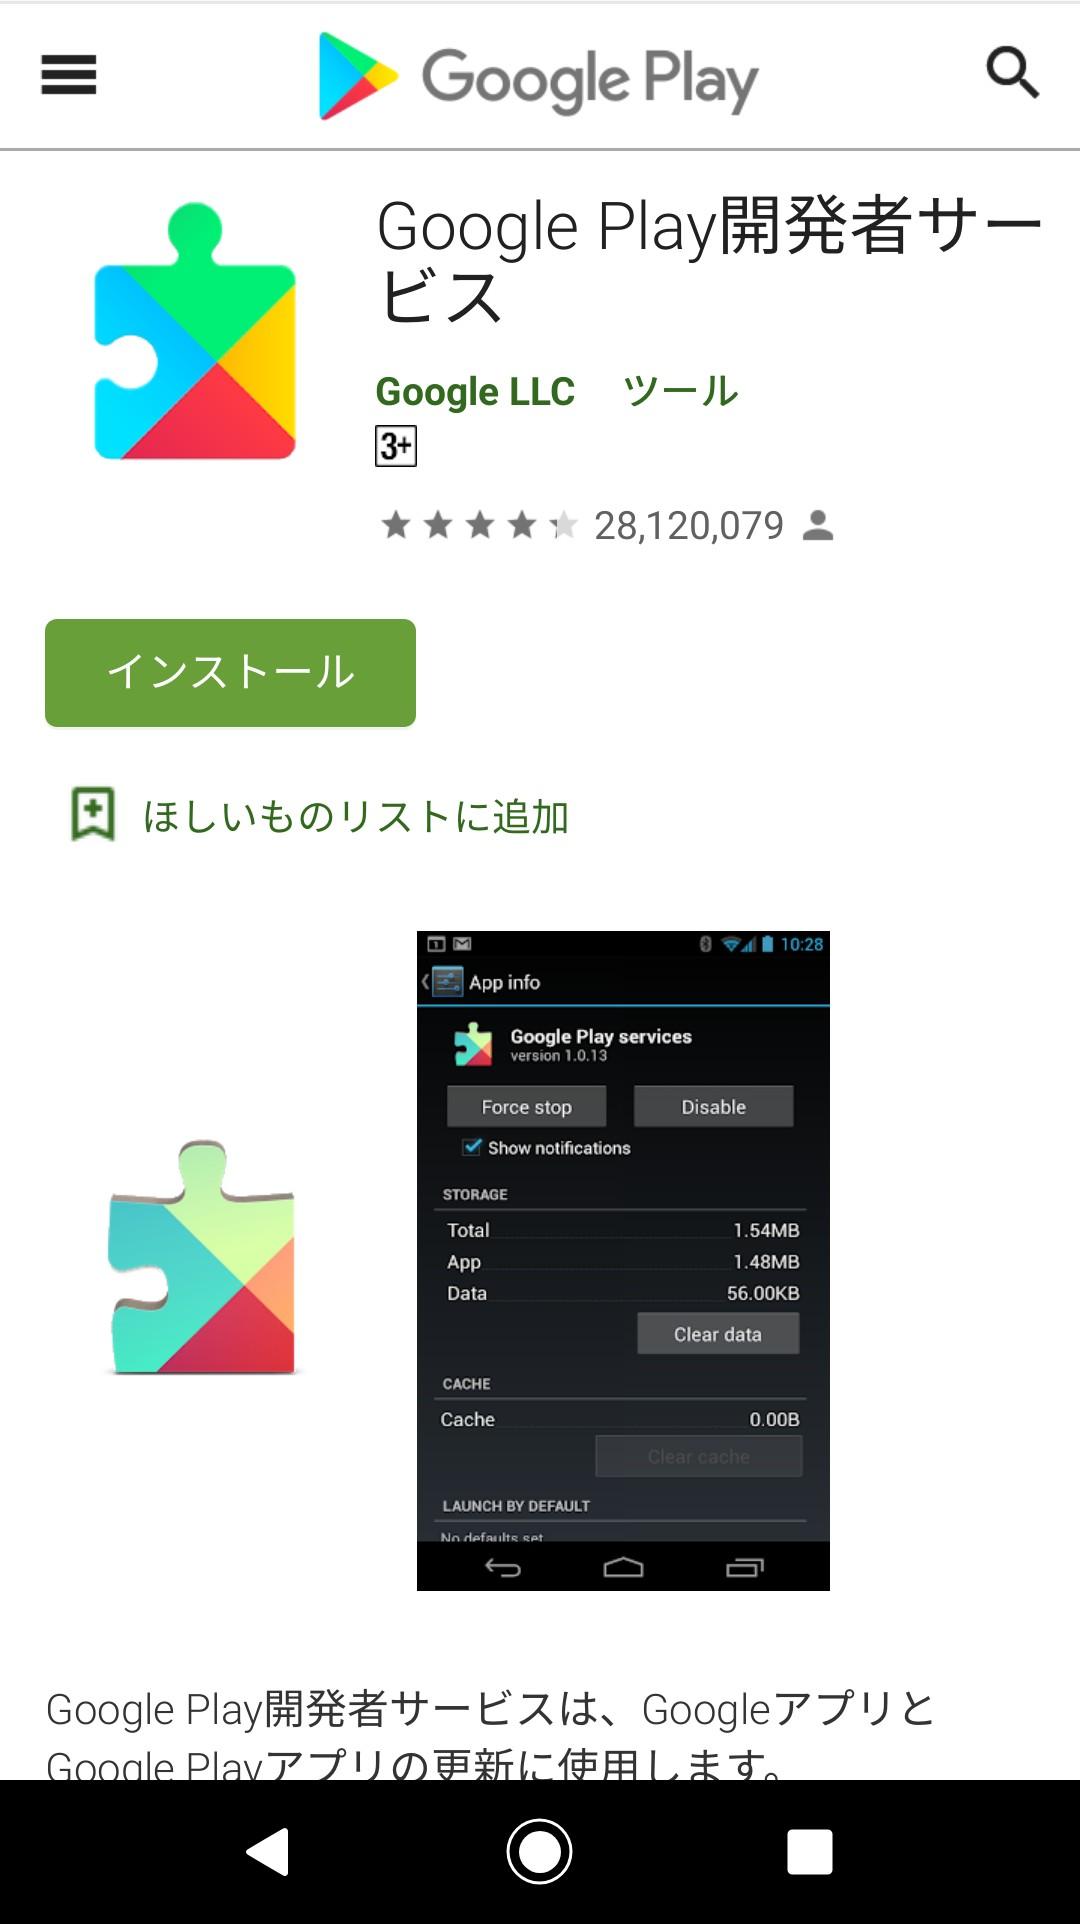 スマホ Google Play開発者サービス アップデート画面